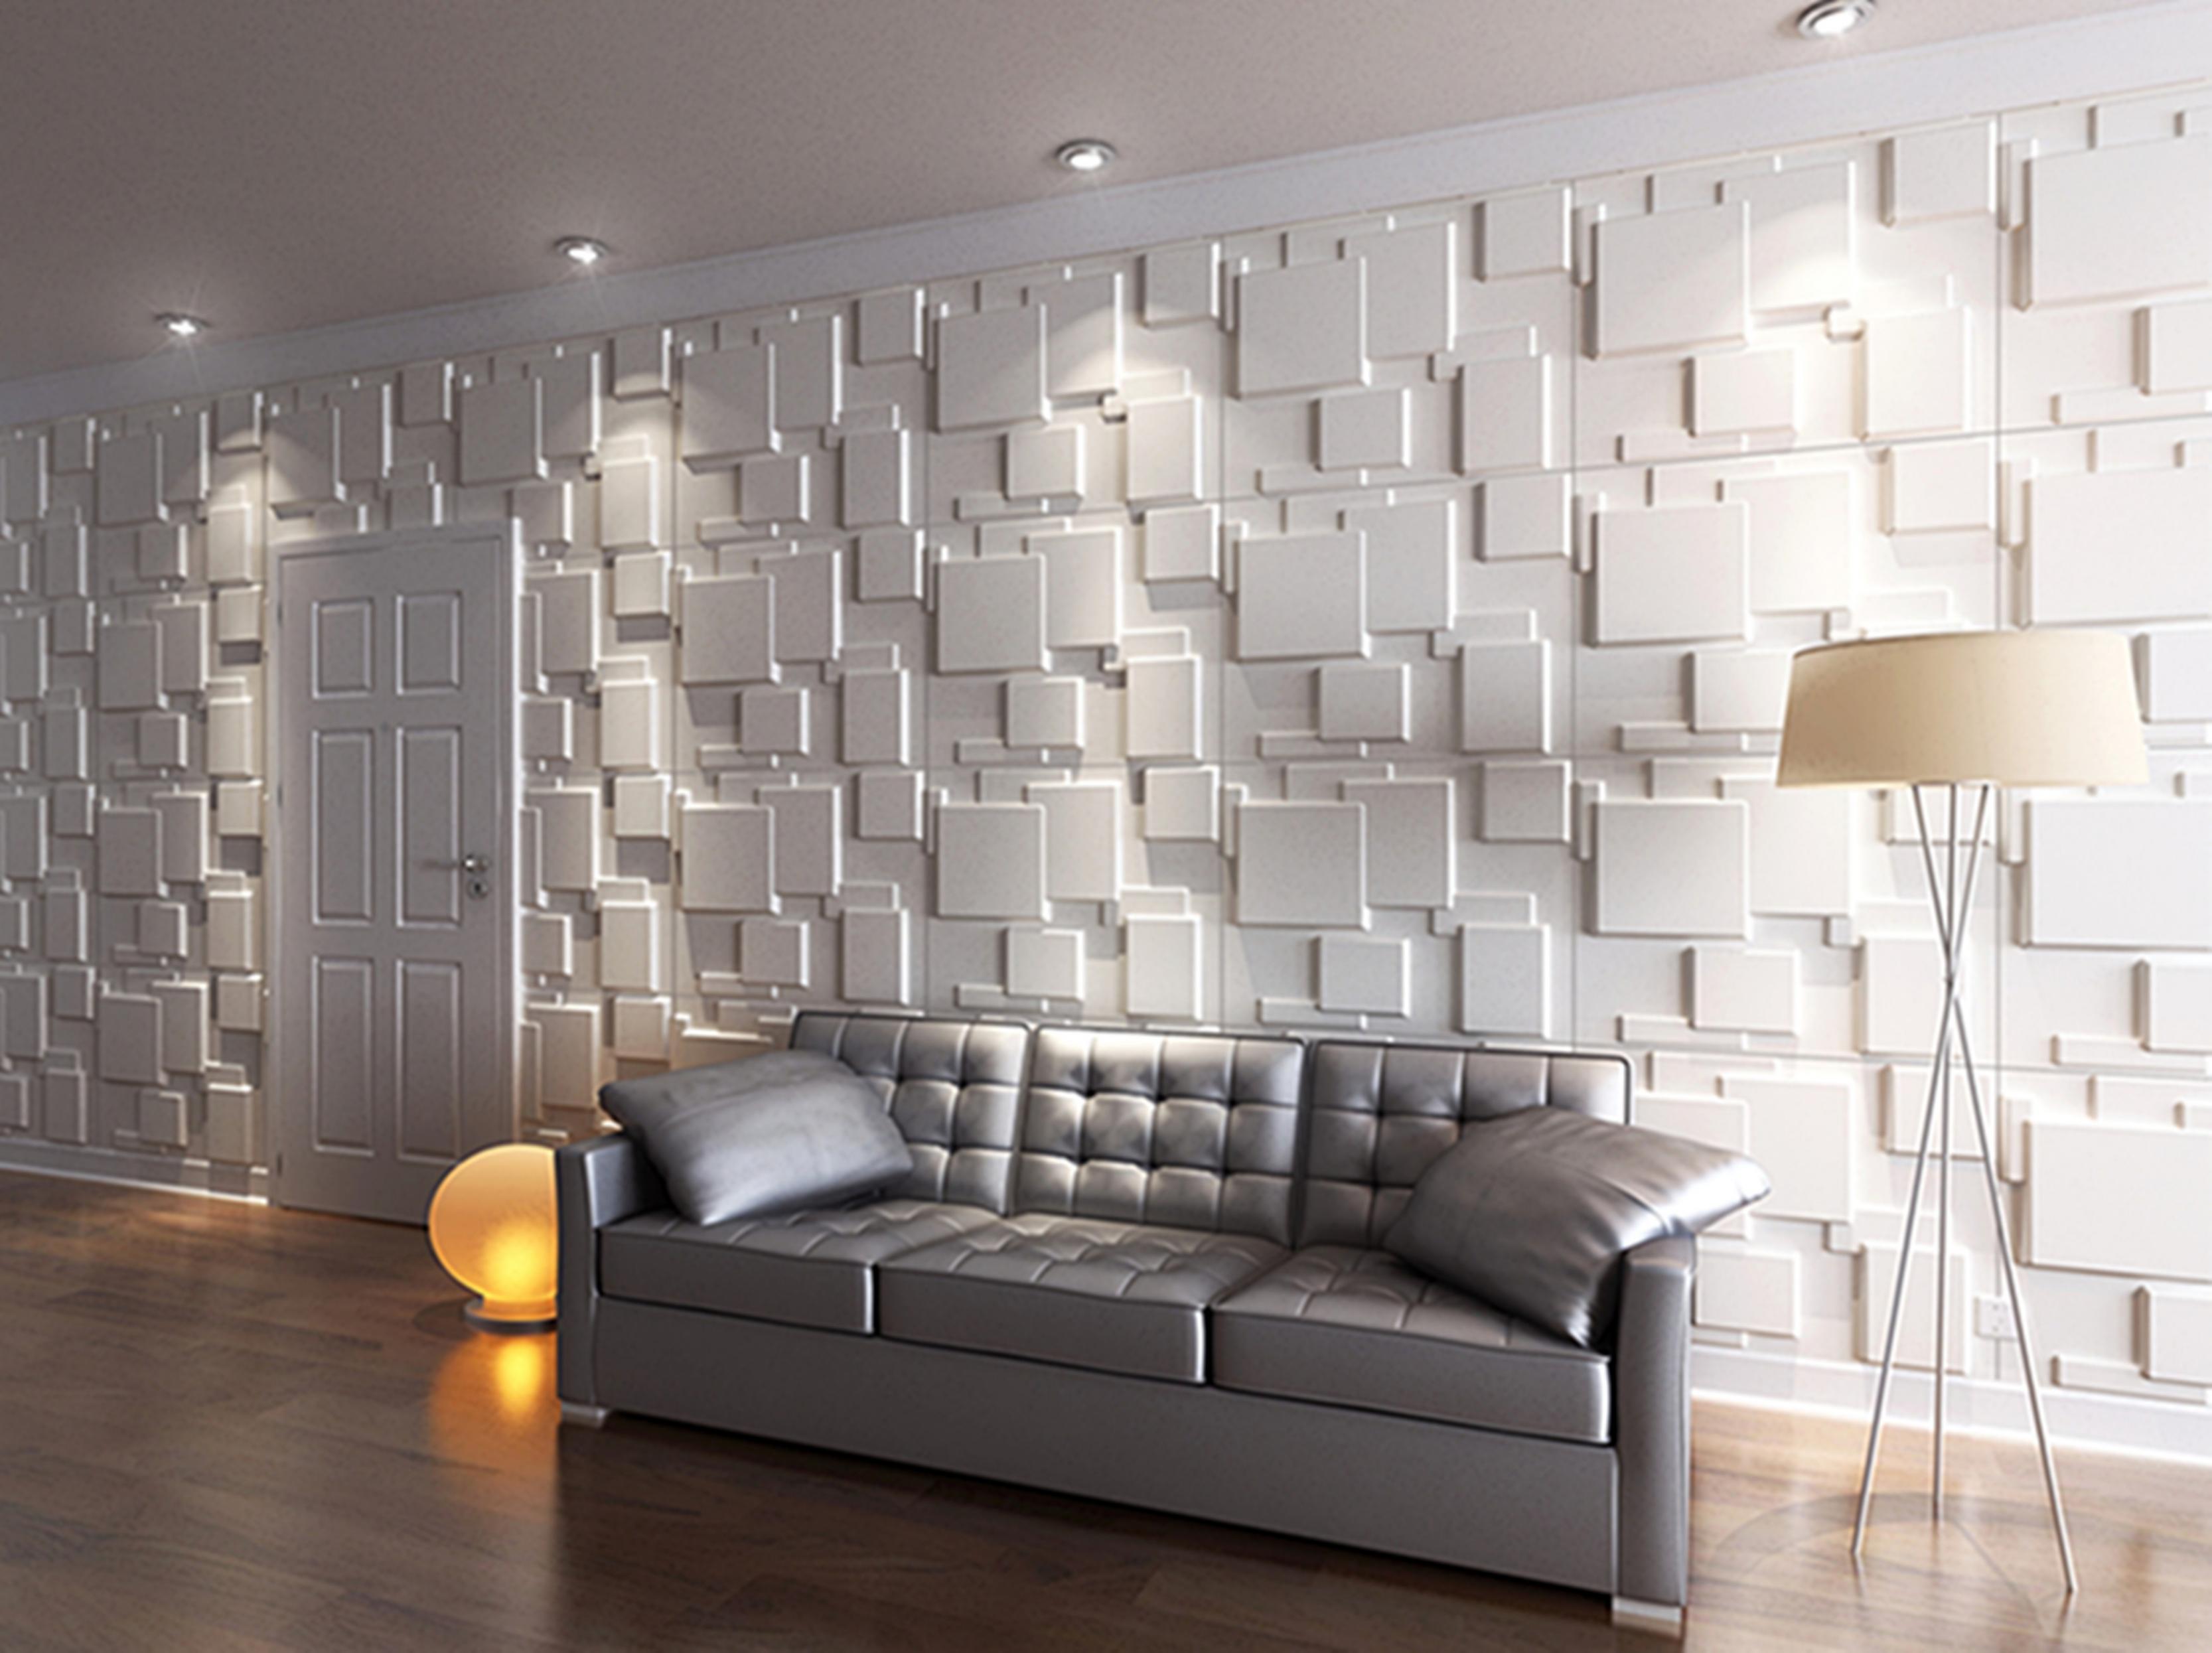 بالصور ورق جدران ثلاثي الابعاد , احلى تشكيله من ورق الجدران ثلاثى الابعاد 6217 6